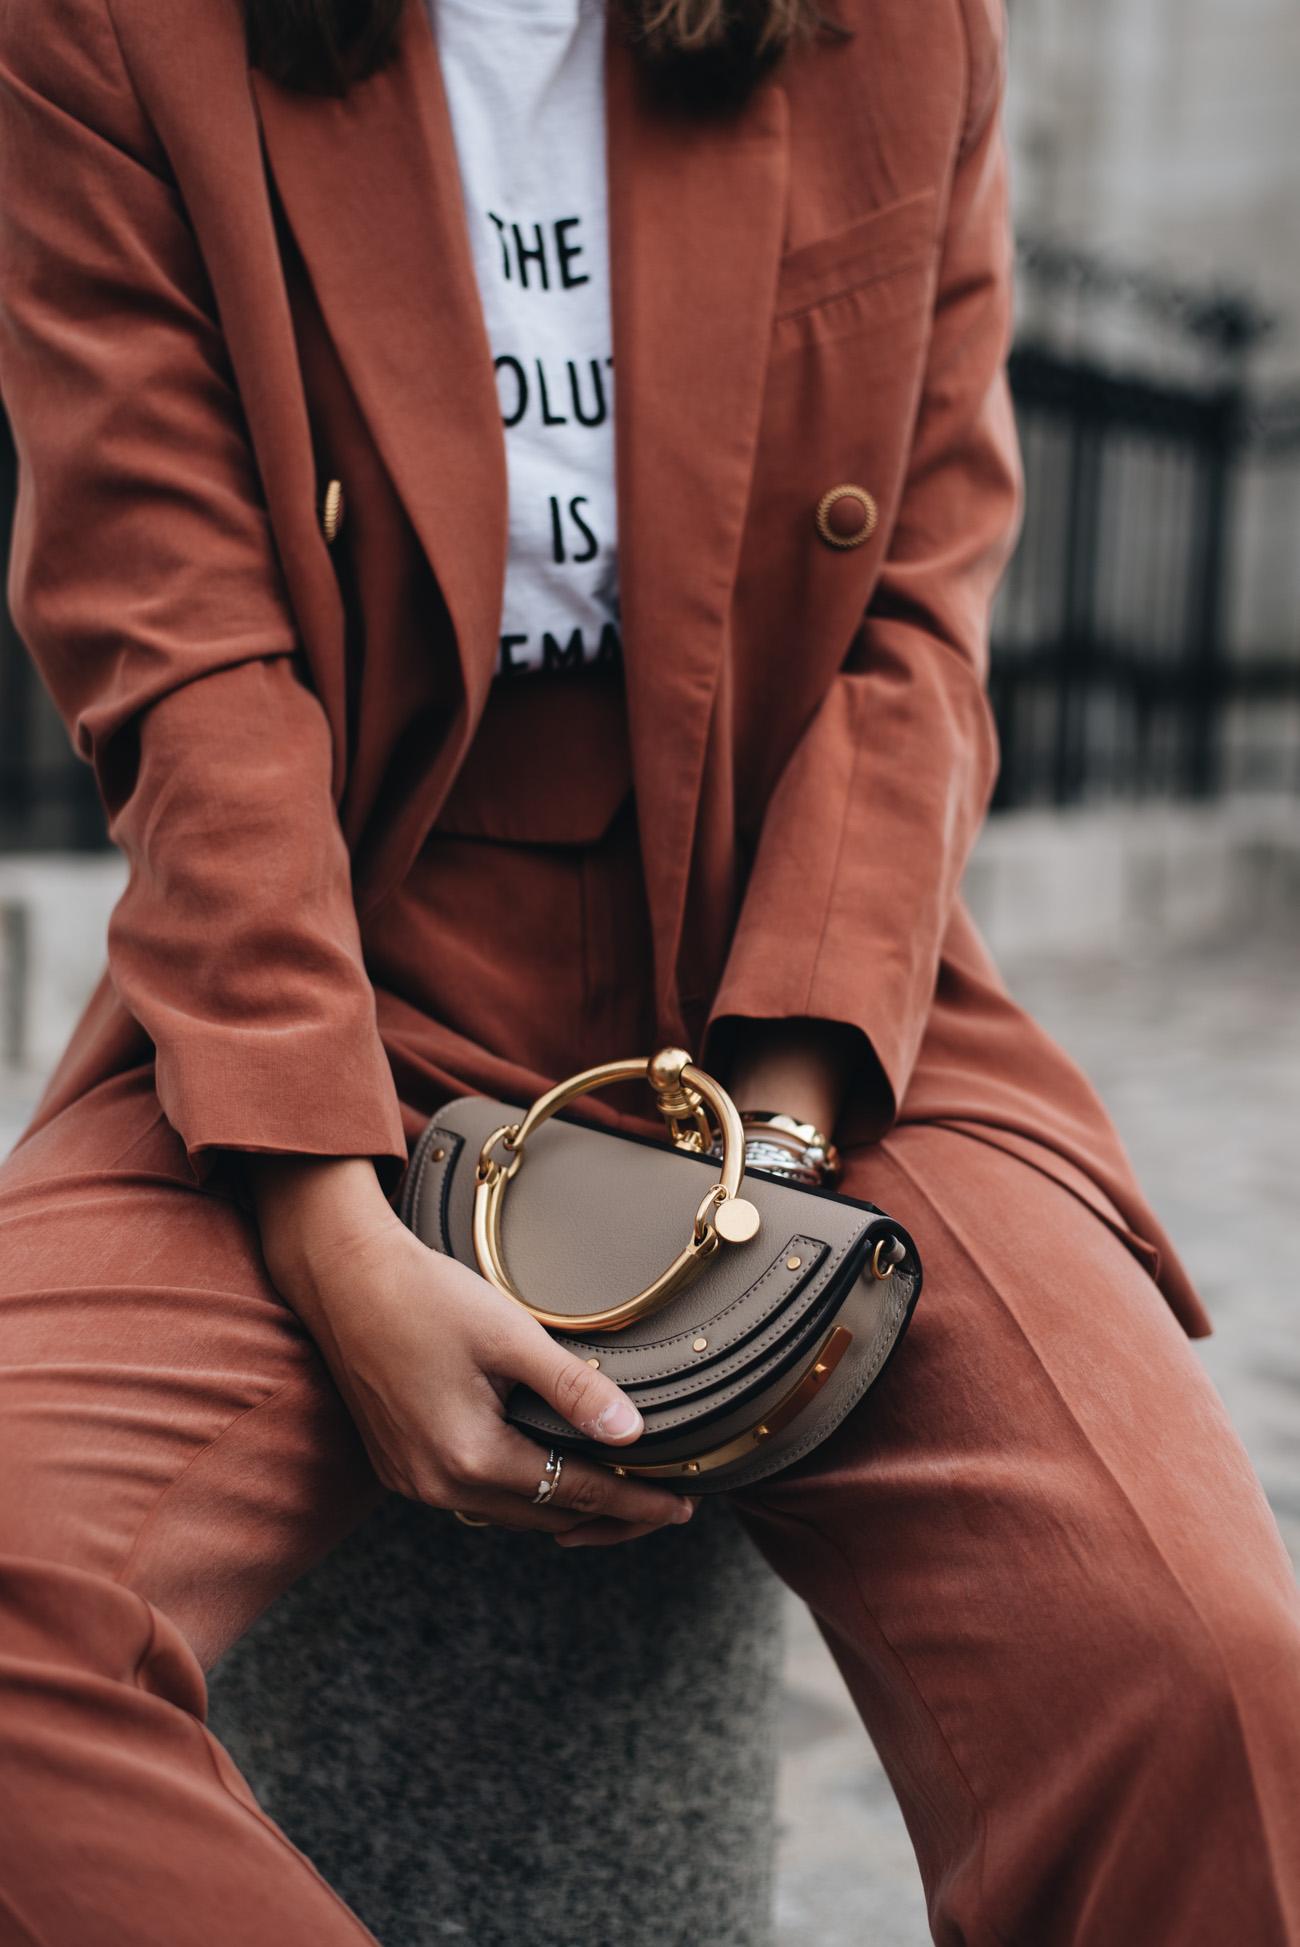 Hosenanzüge-damen-sportlich-im-alltag-tragen-sneaker-shirt-chloé-nile-handtasche-fashiioncarpet-nina-schwichtenberg